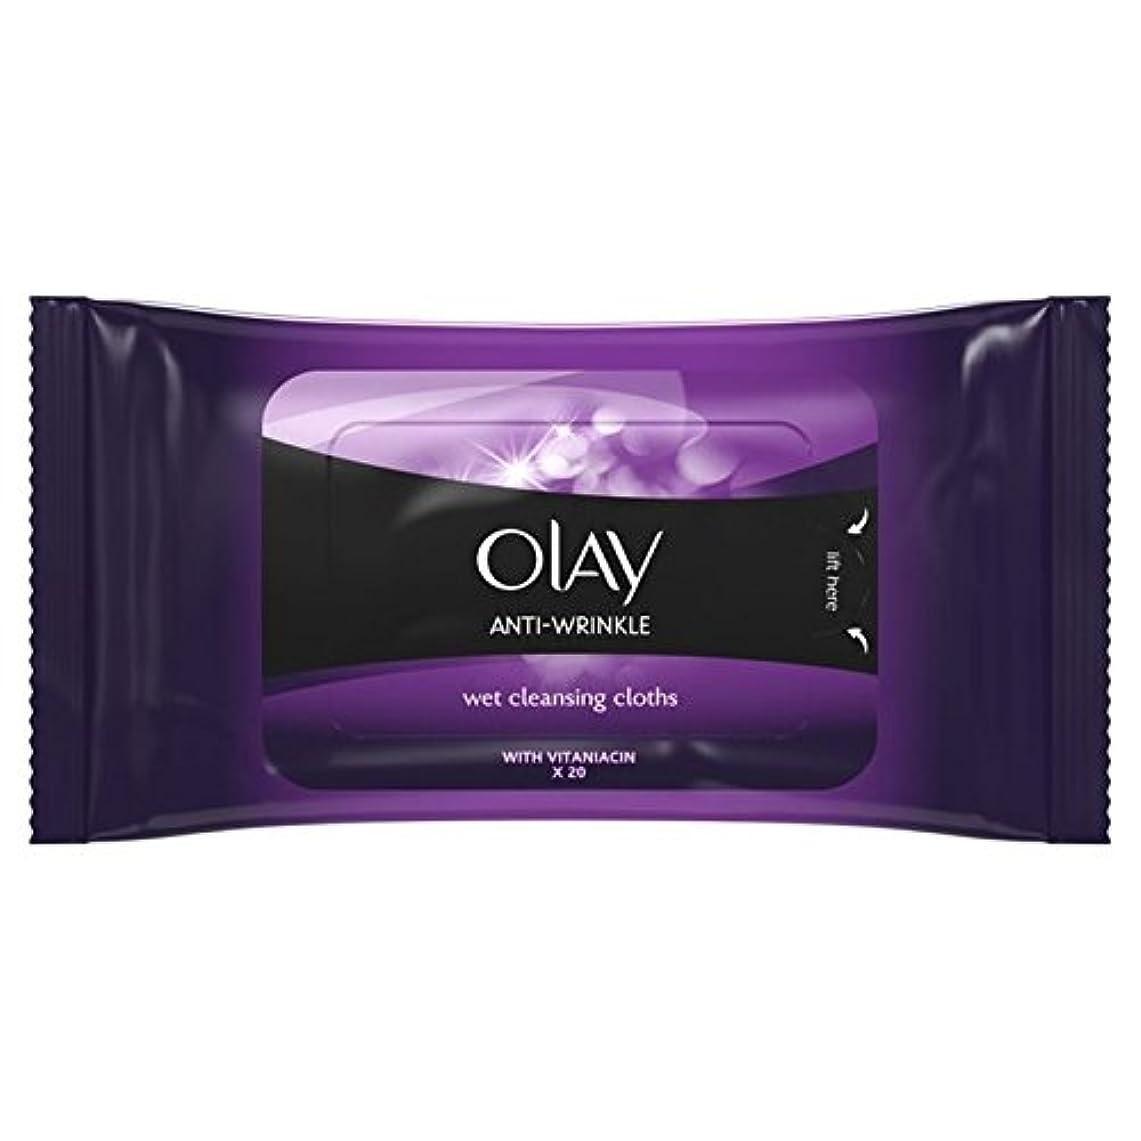 アライアンスライオン動かないパックごとに20ワイプ抗シワ事務所をオーレイ&湿ったクレンジングを持ち上げます x4 - Olay Anti Wrinkle Firm & Lift Wet Cleansing Wipes 20 per pack (Pack...